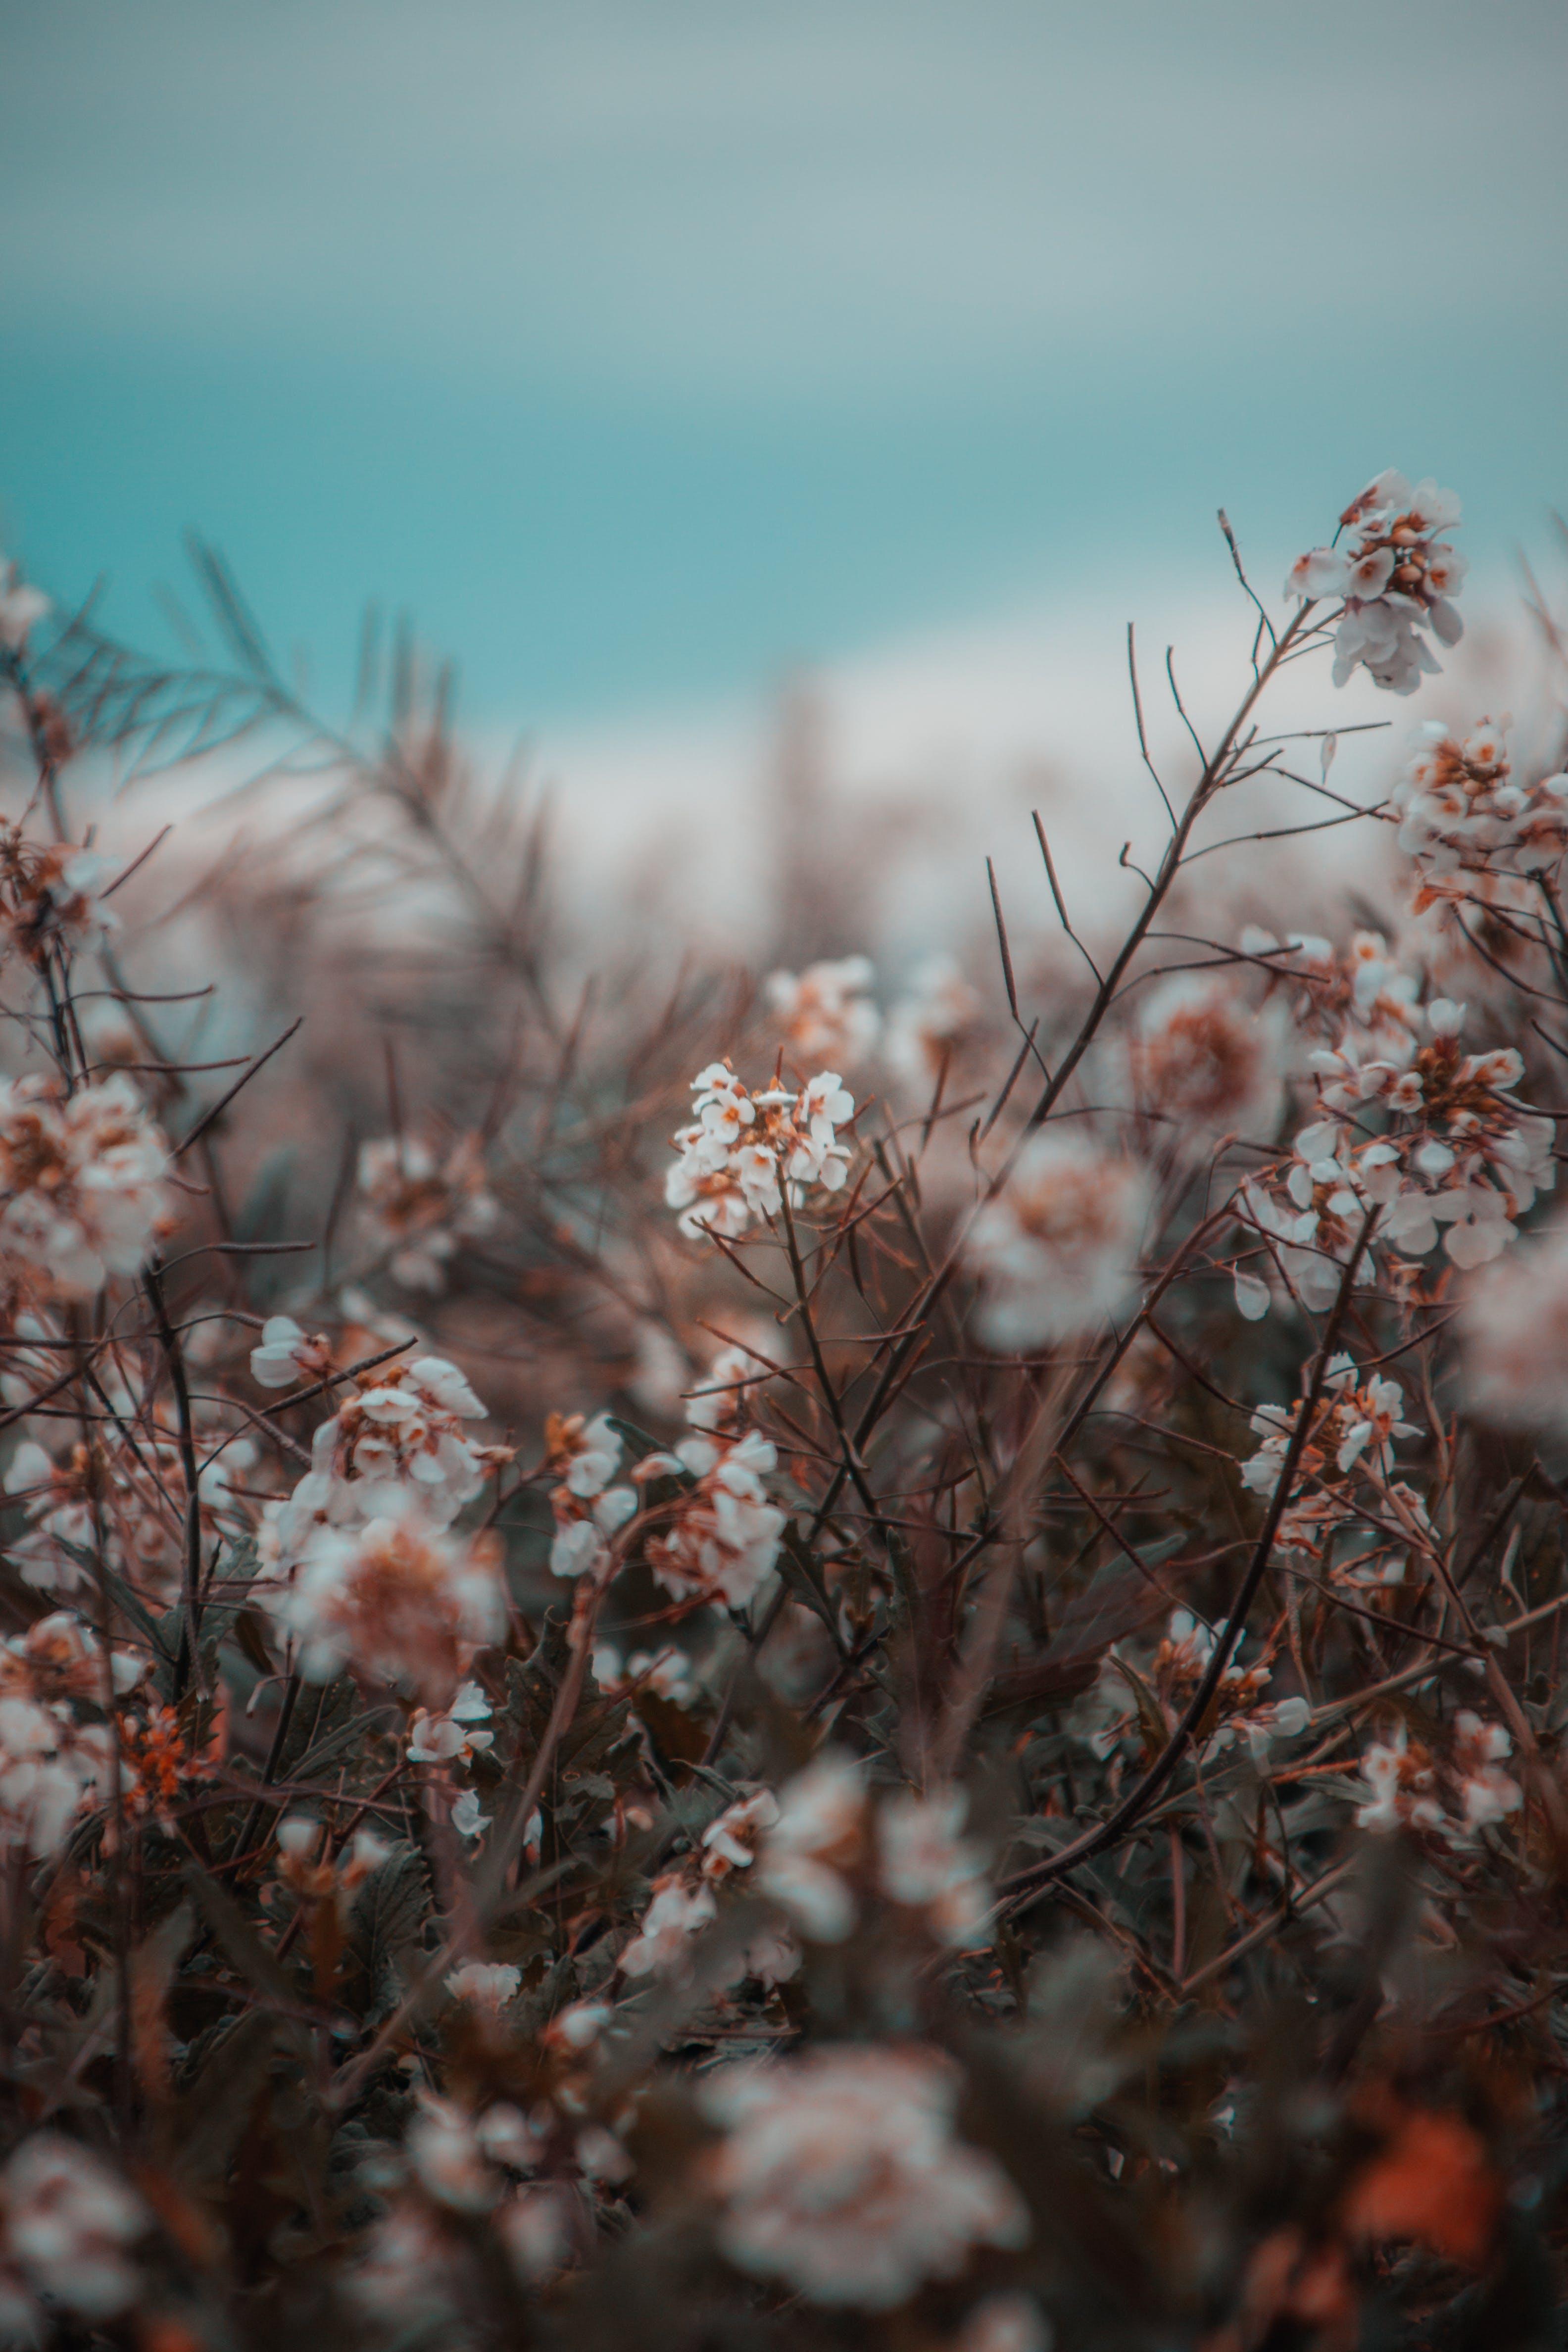 Kostnadsfri bild av blomma tapeter, blommor, blomning, delikat